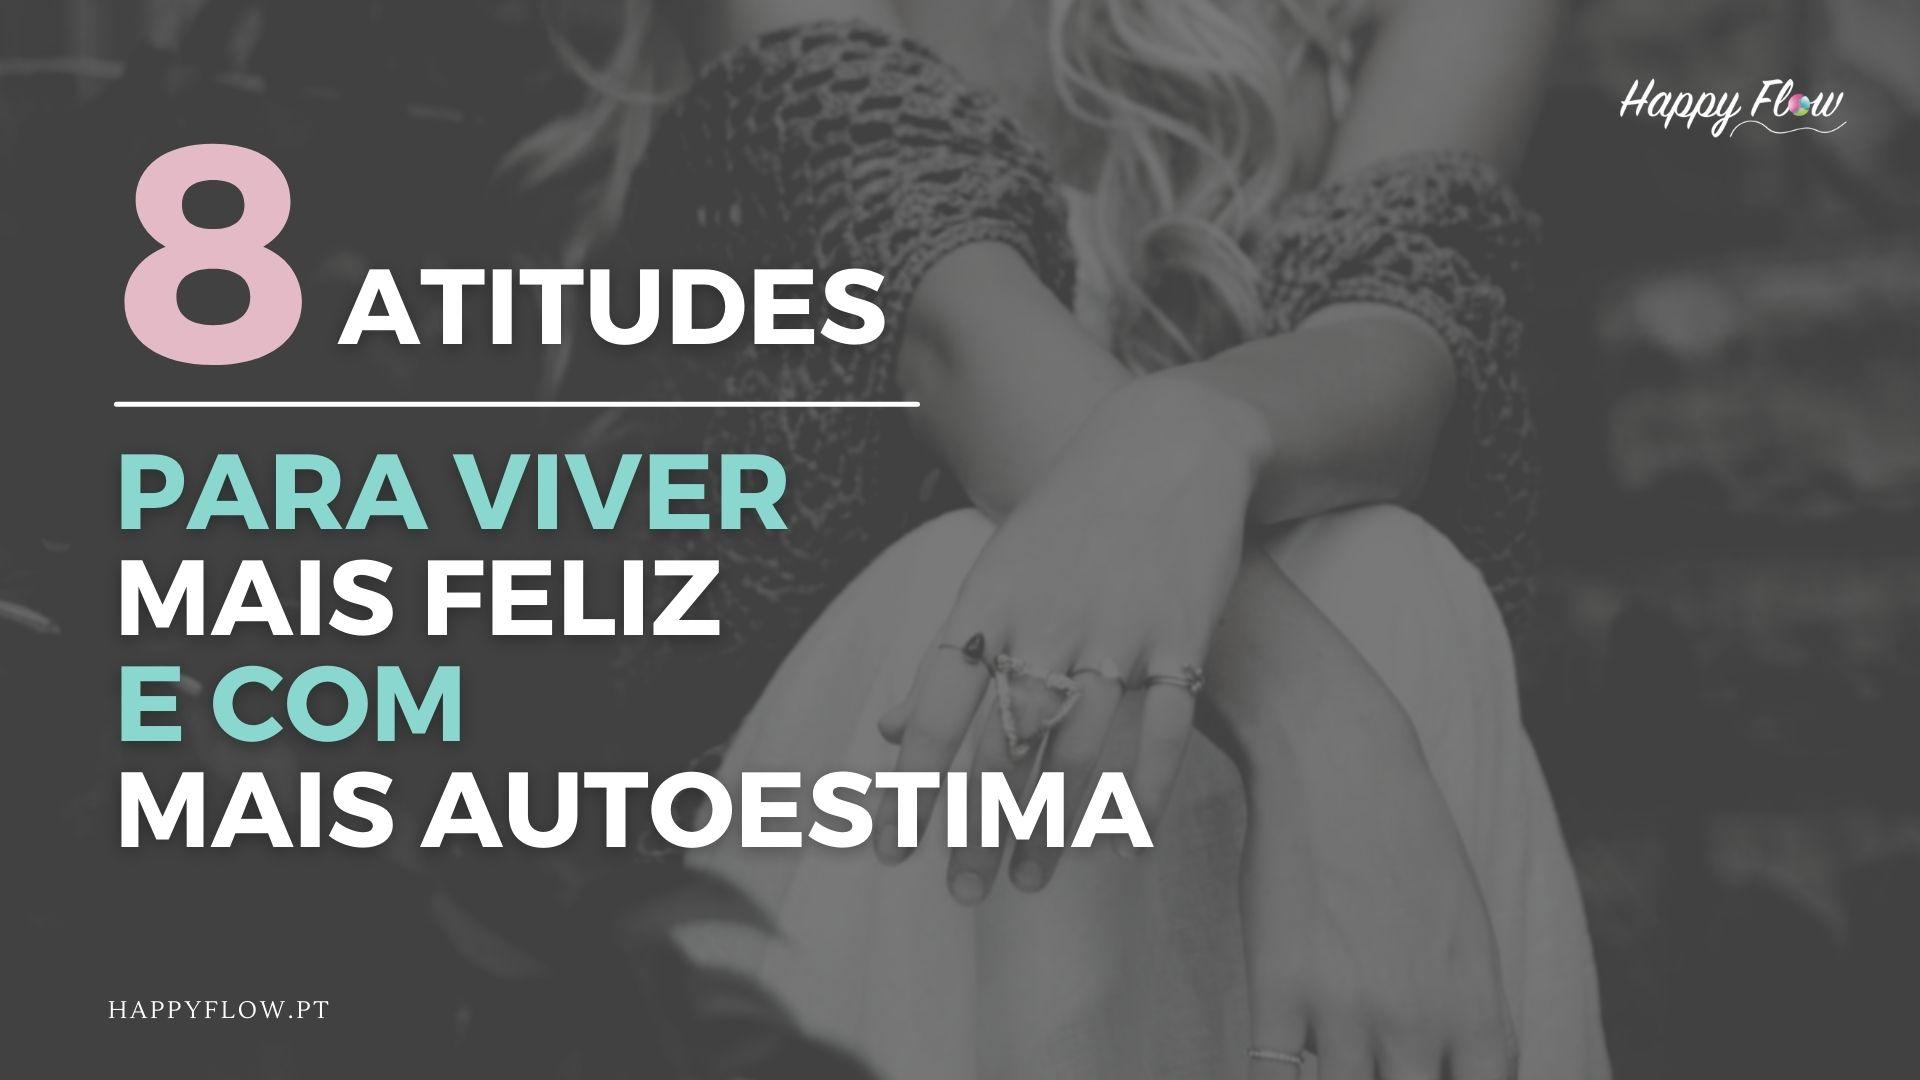 8 Atitudes para aumentar autoestima